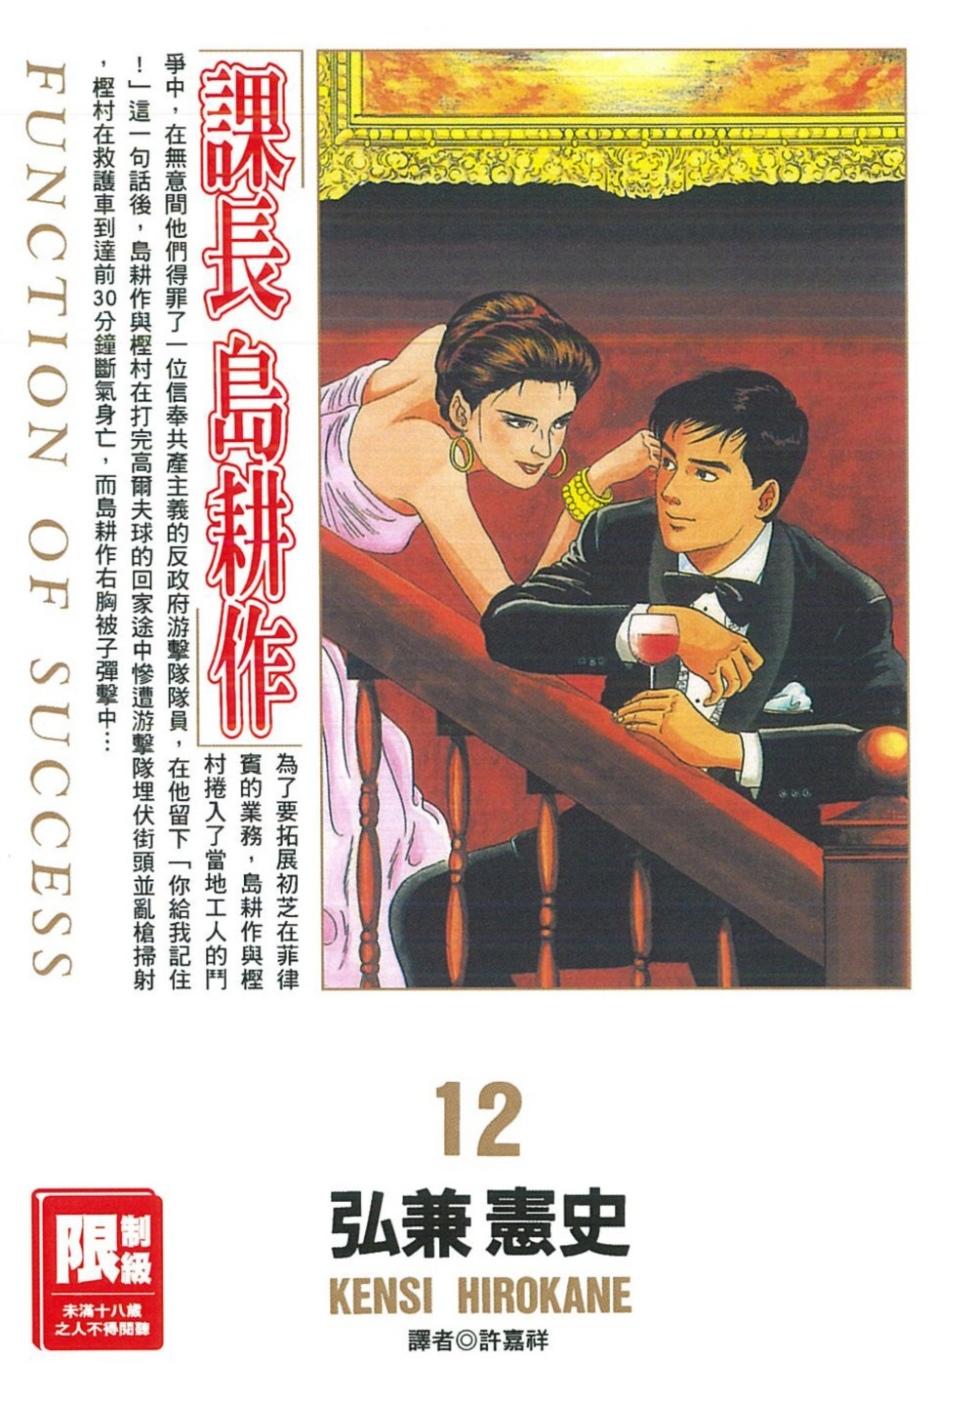 課長島耕作(12)(限)(限台...